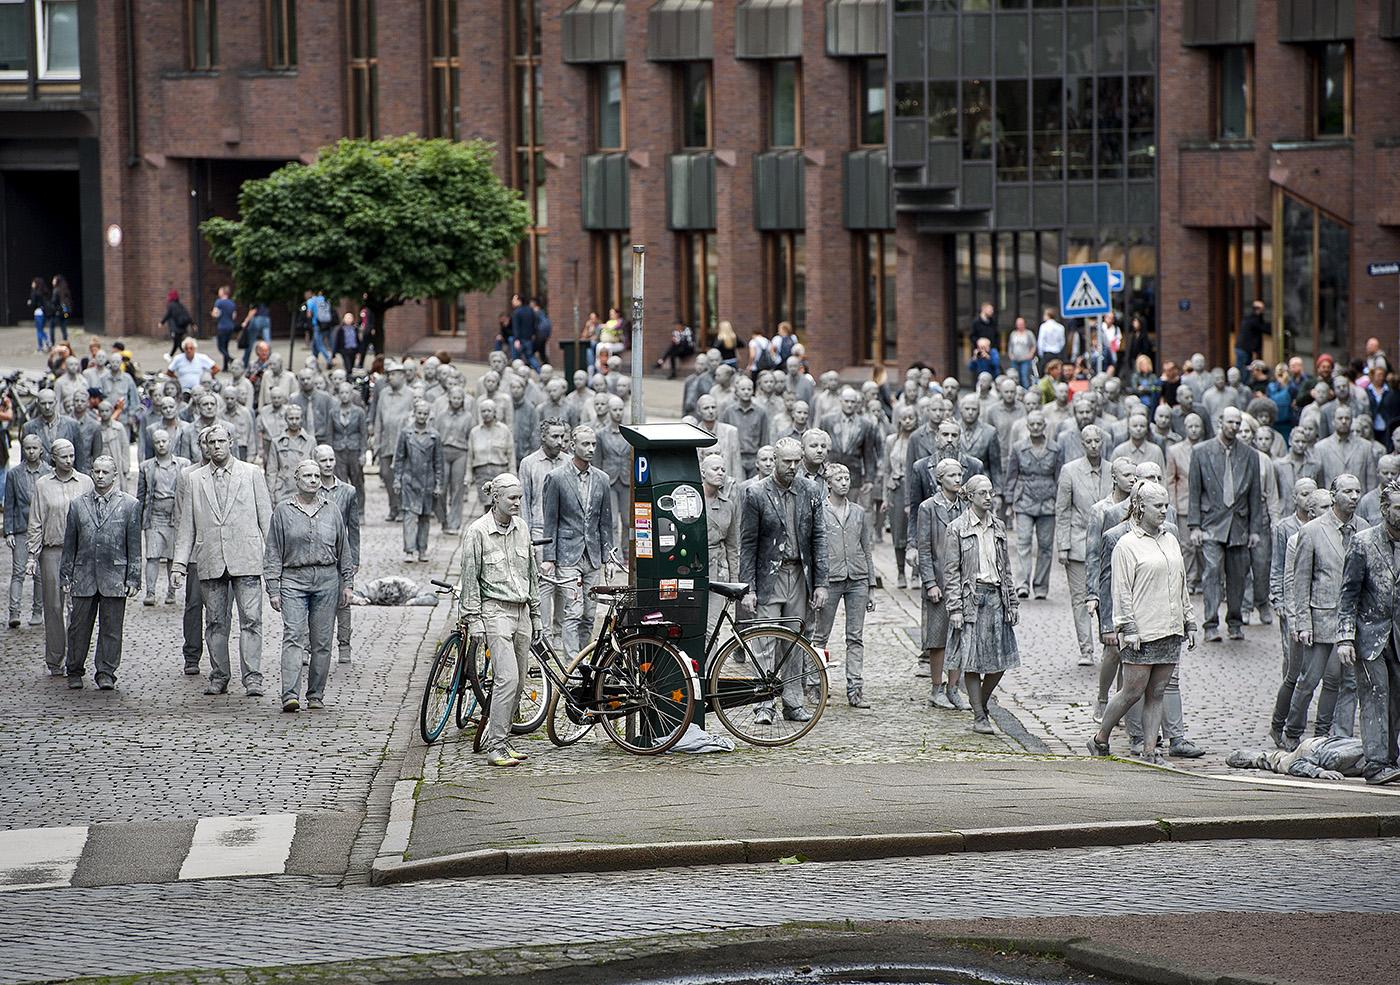 1000gestalten, G20-ProtestPerformance